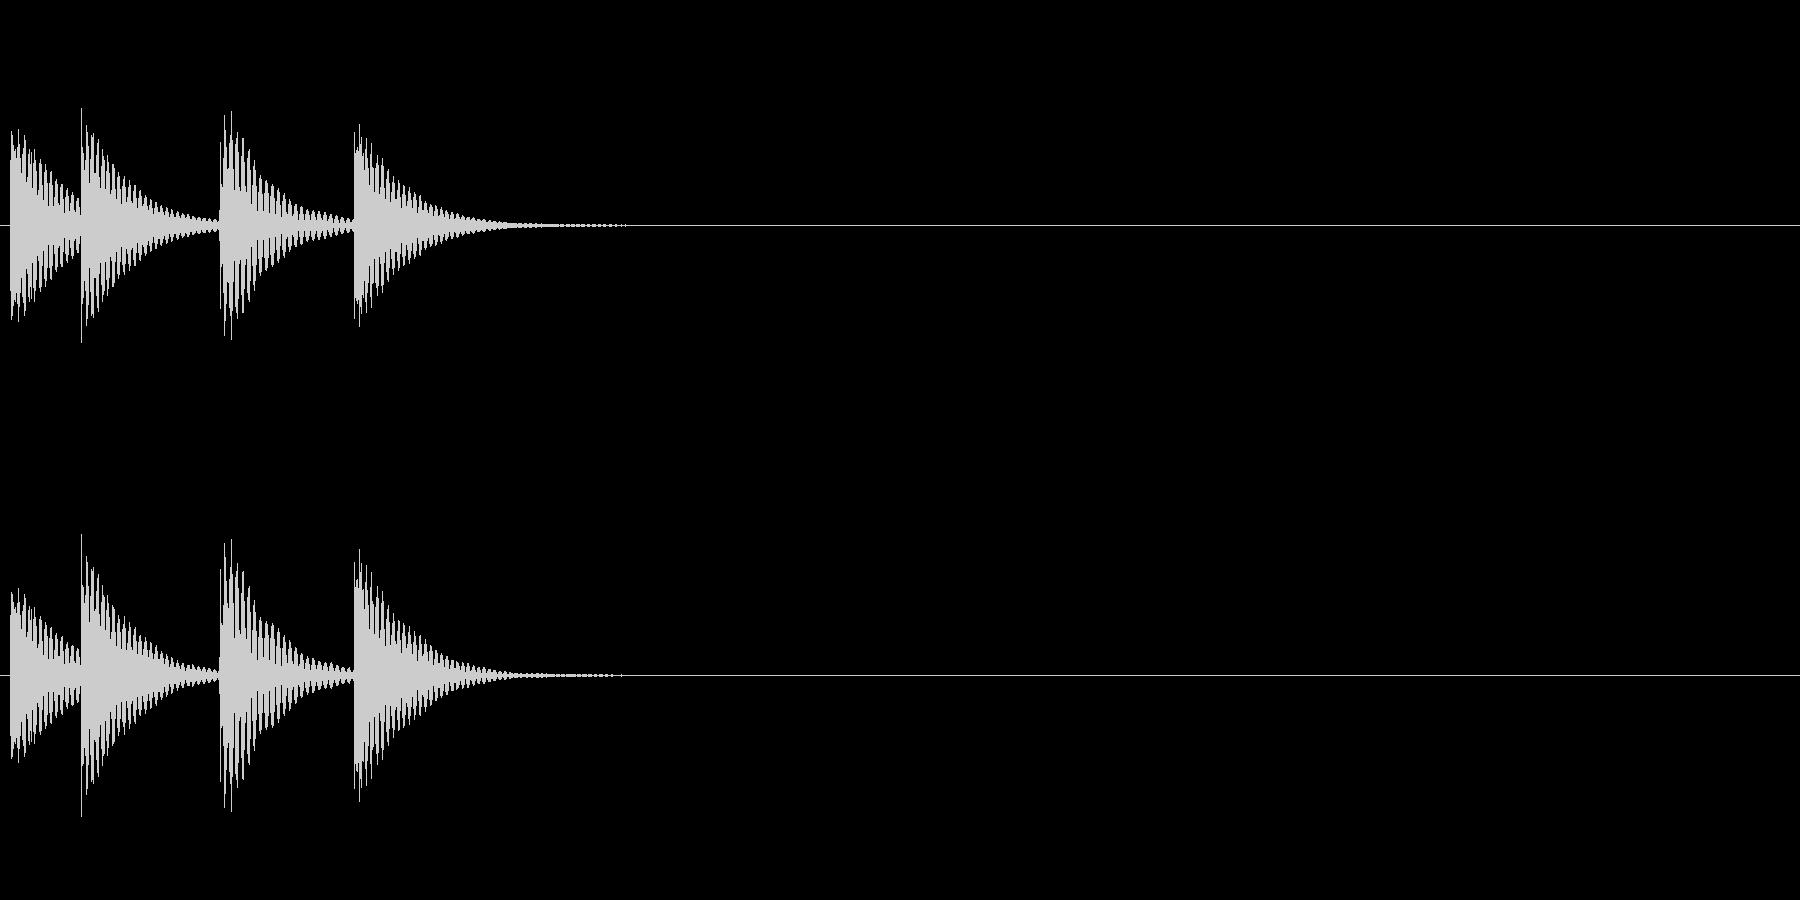 低い木琴ジングルの未再生の波形